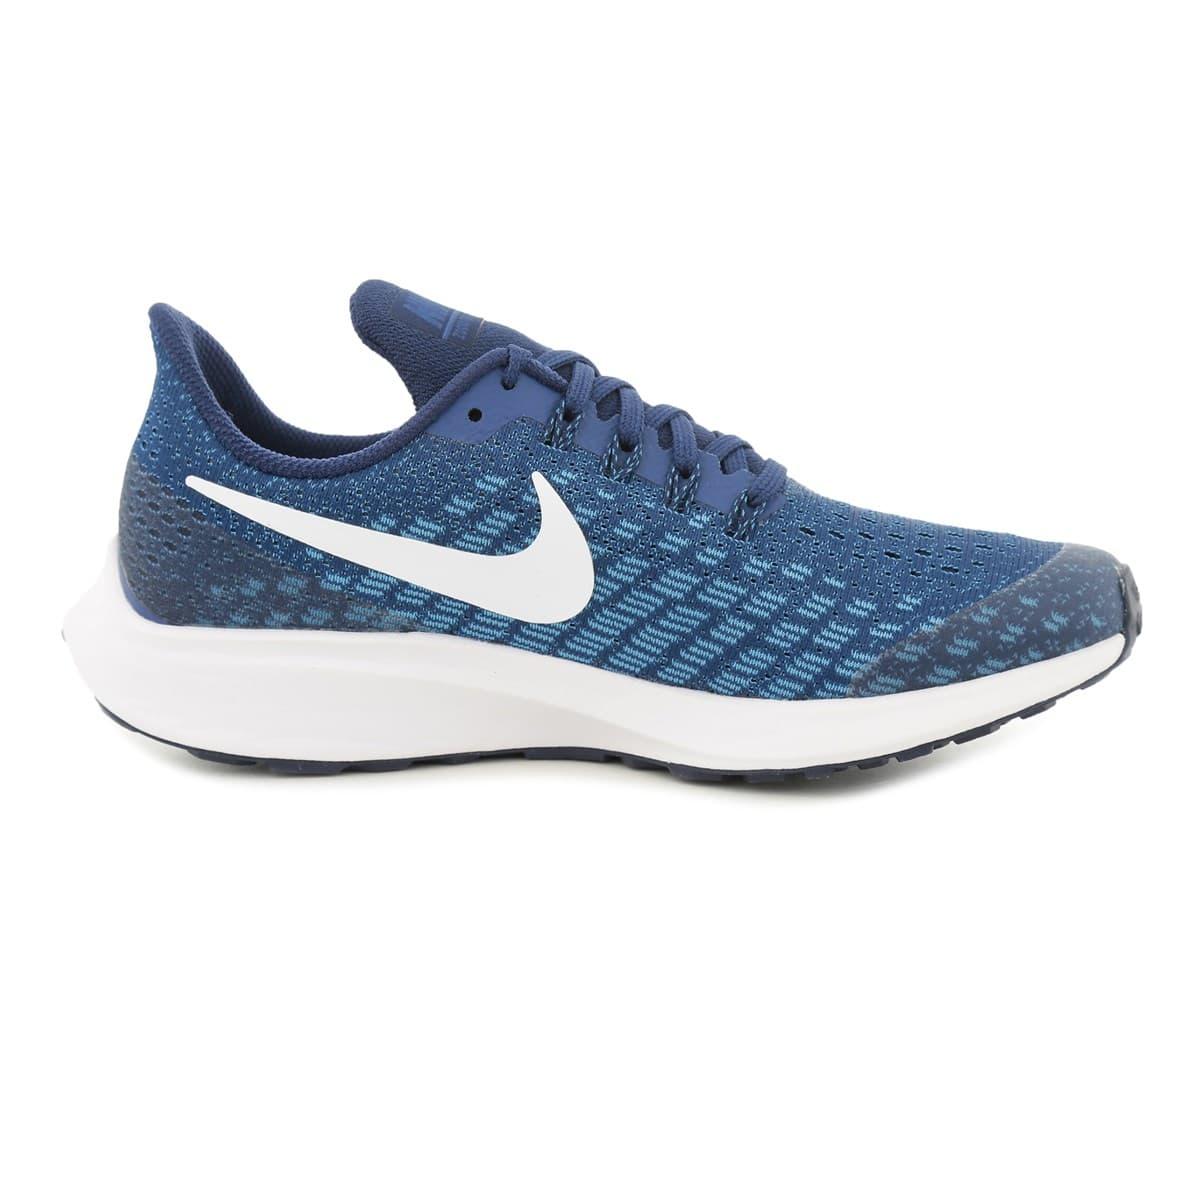 Air Zoom 35 Mavi Unisex Koşu Ayakkabısı